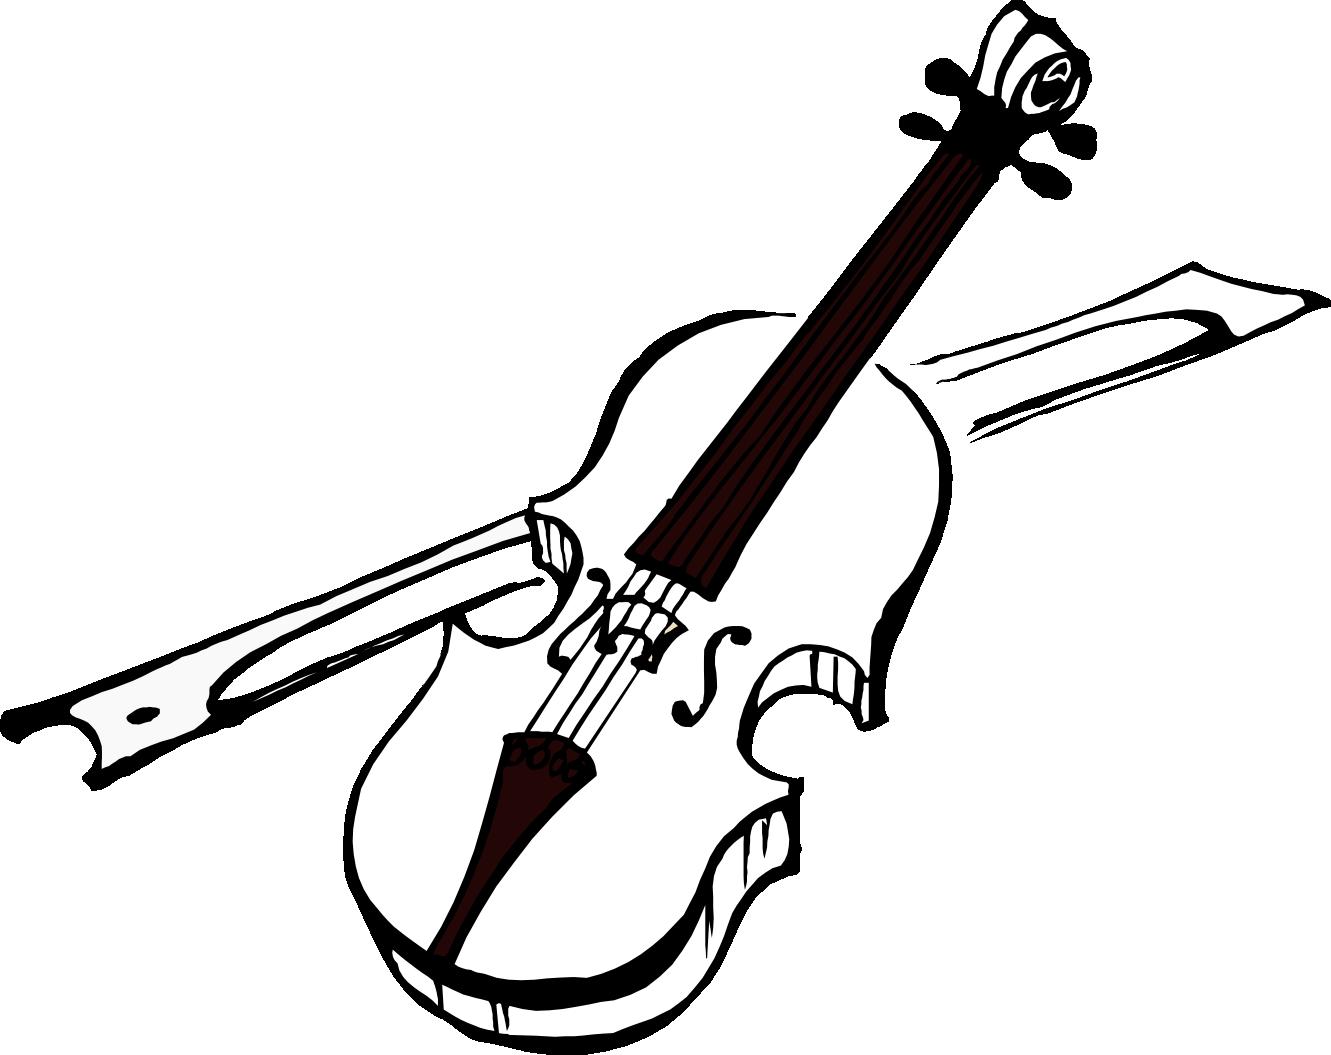 Cello Clipart Gambar Cello Gambar Transparent Free For